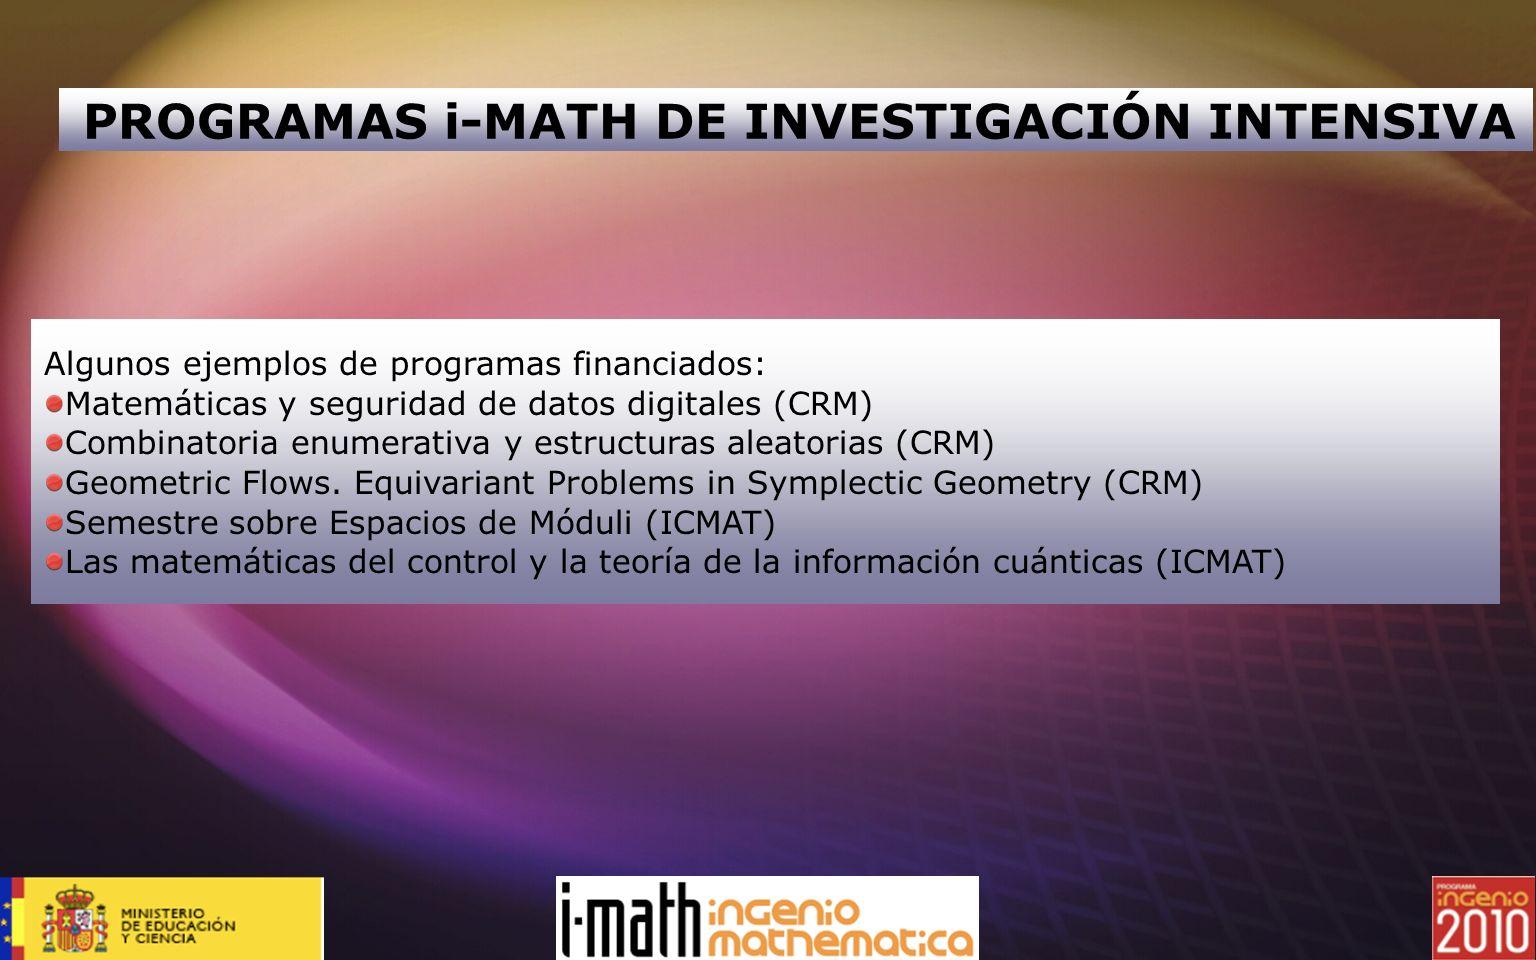 PROGRAMAS i-MATH DE INVESTIGACIÓN INTENSIVA